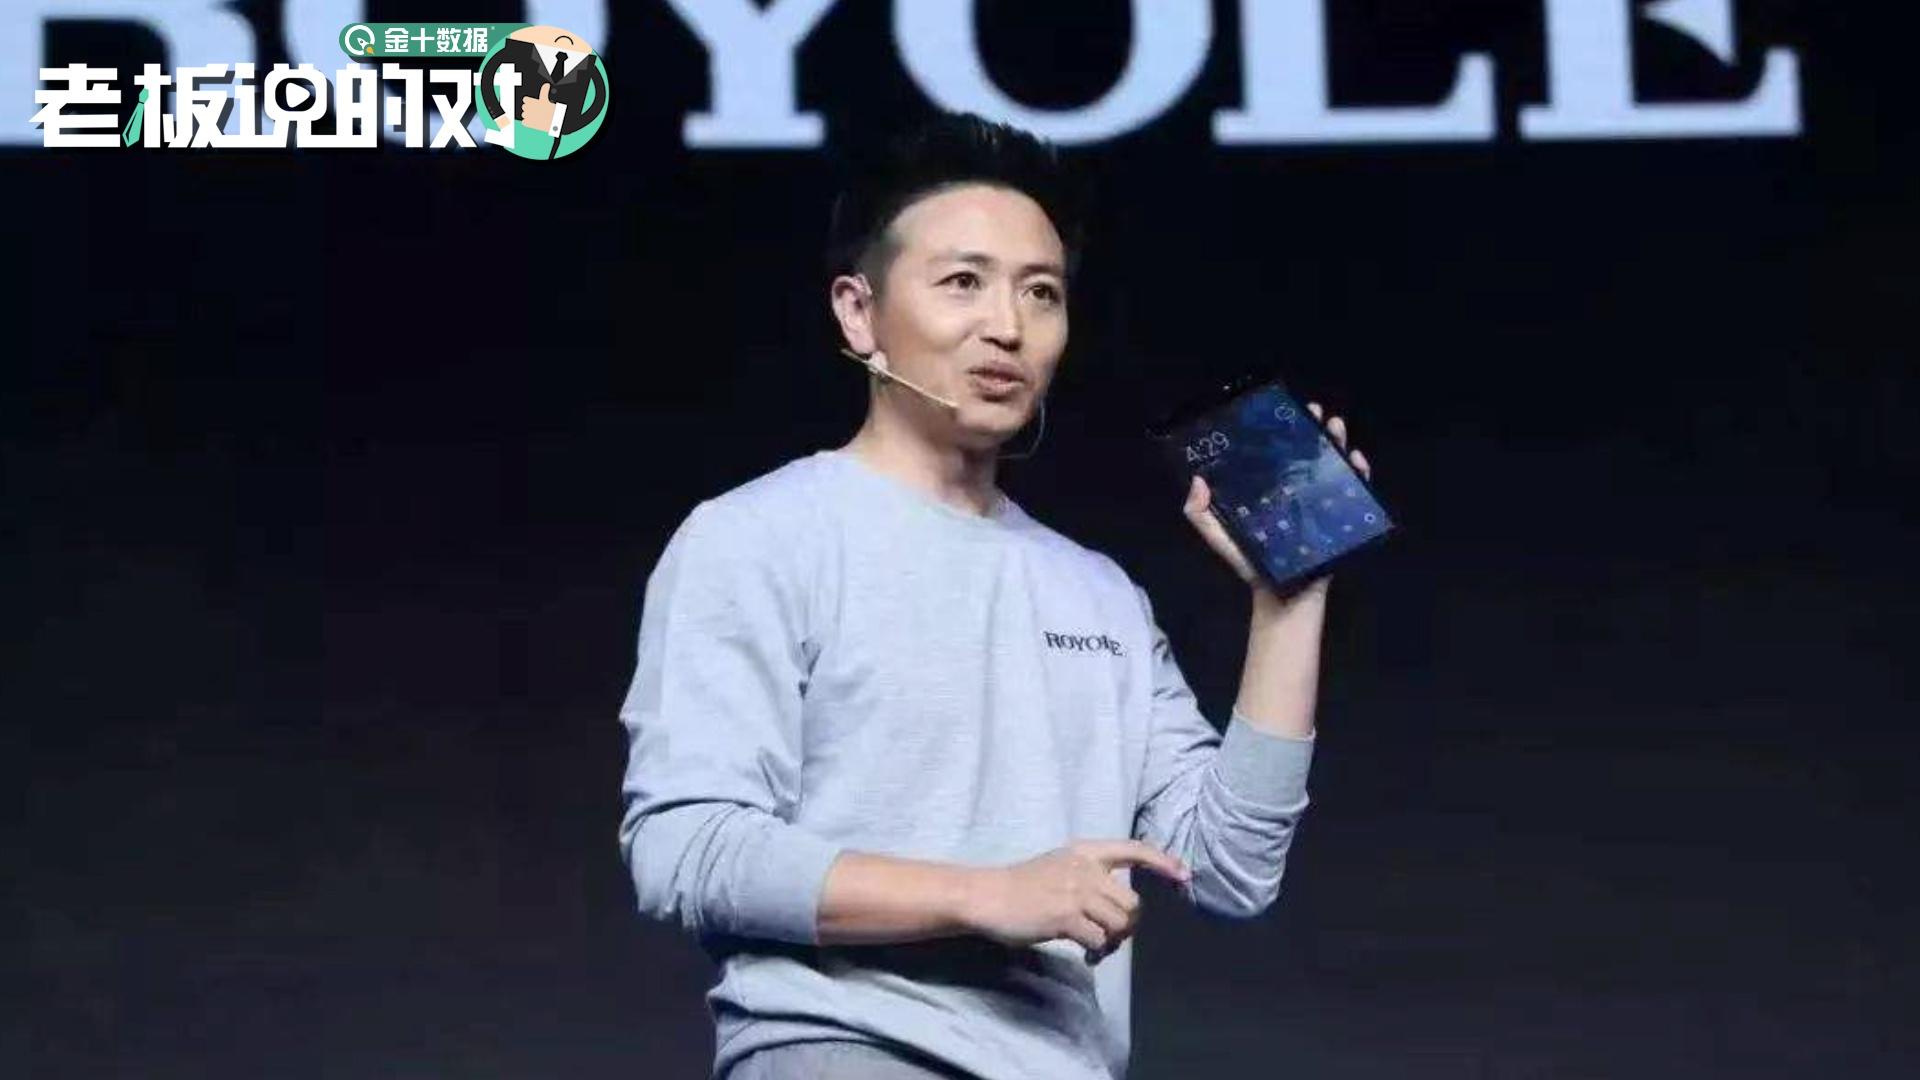 """刘自鸿回应柔宇科技被批""""大忽悠"""":千万不能指望所有人去唱赞歌"""